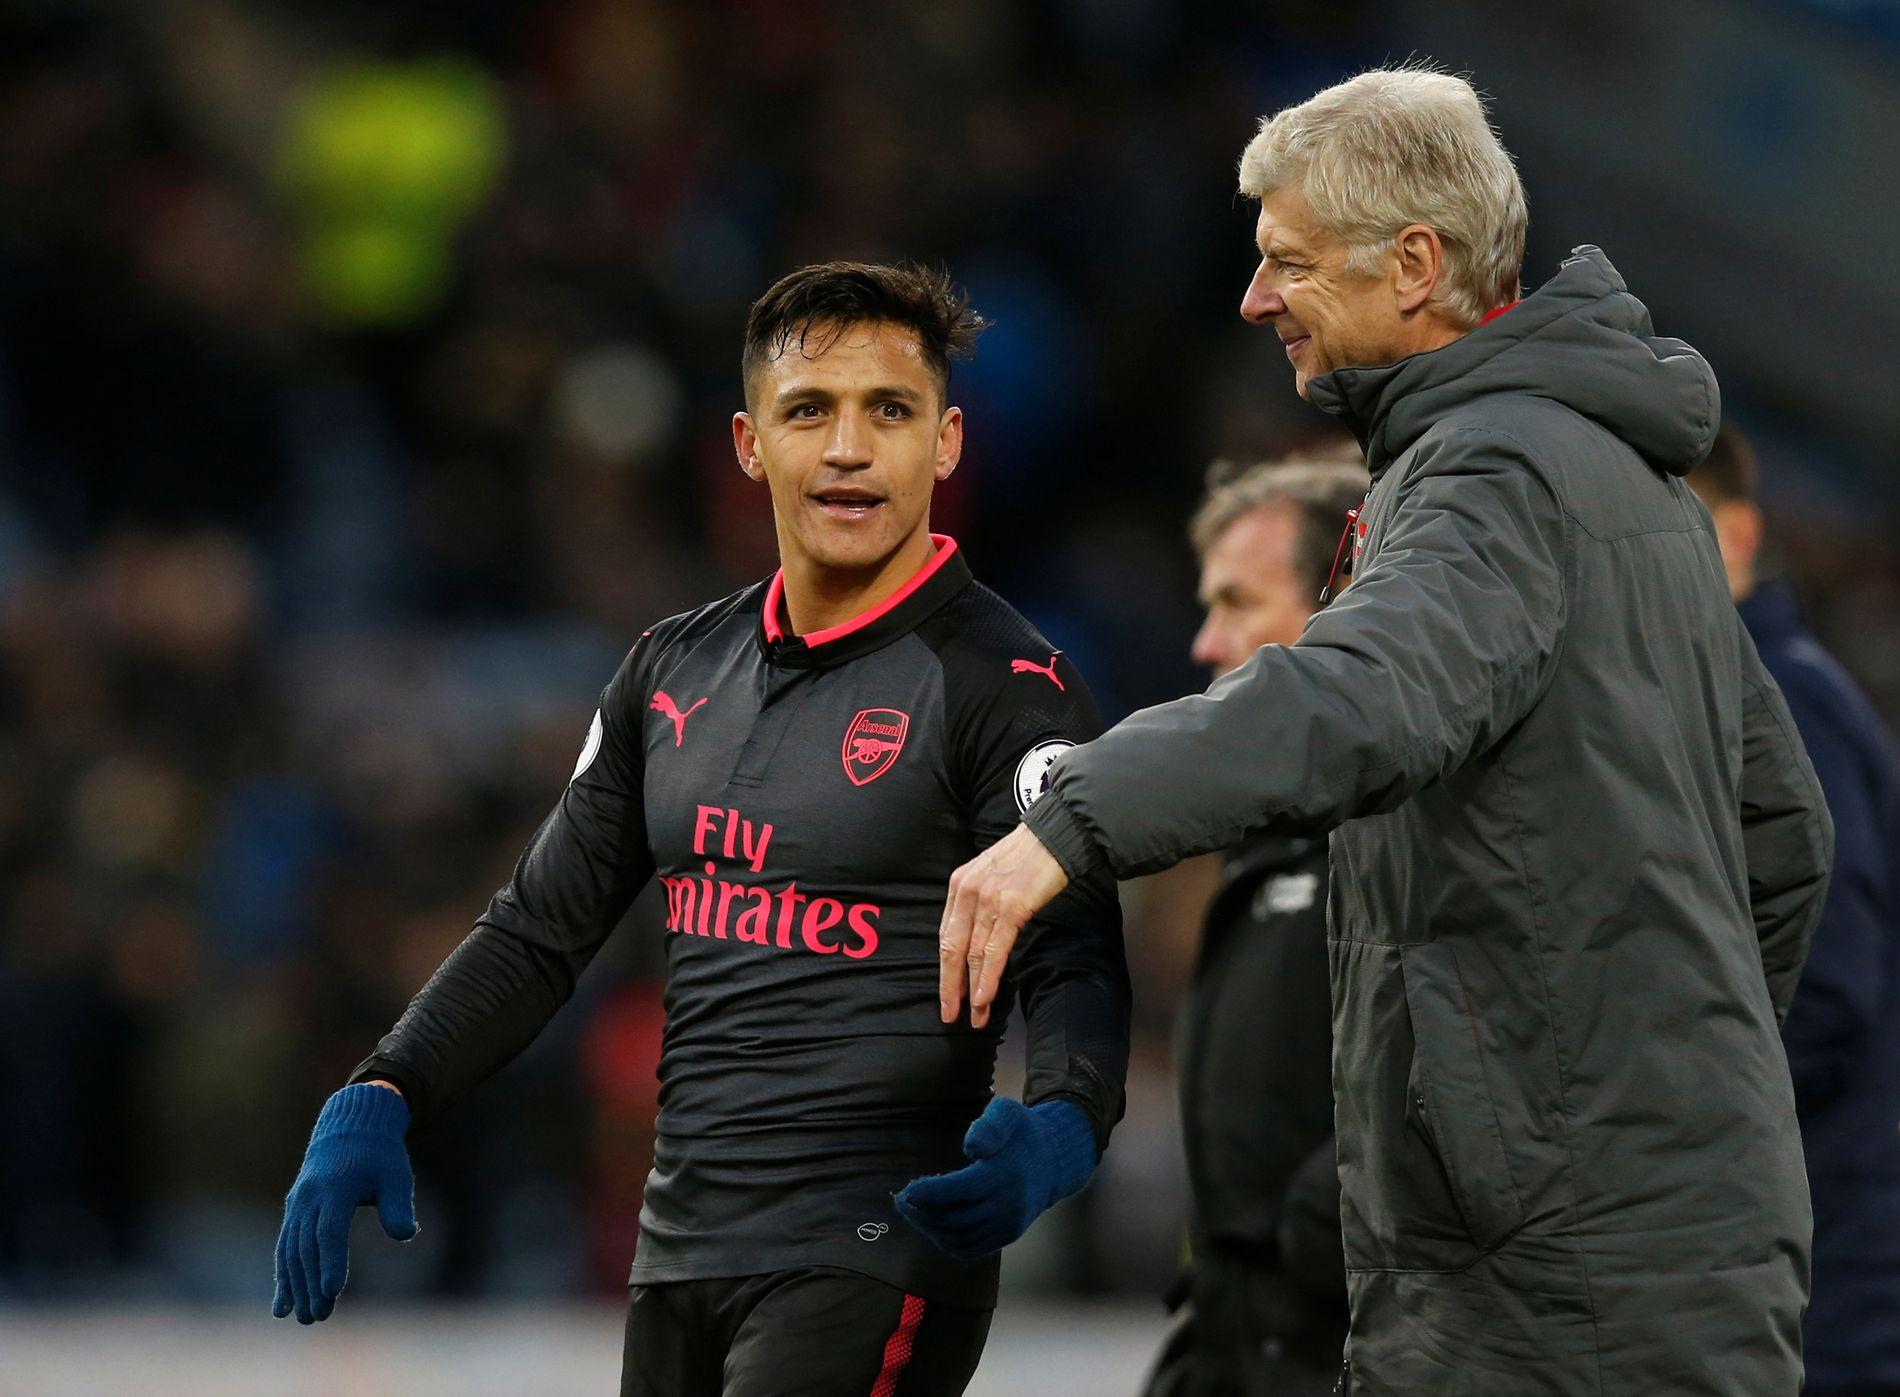 LYKKE: Hva som skjer med Alexis Sanchez i fremtiden er ikke kjent, men søndag sikret han Arsenal og Arsene Wenger tre poeng mot Burnley.